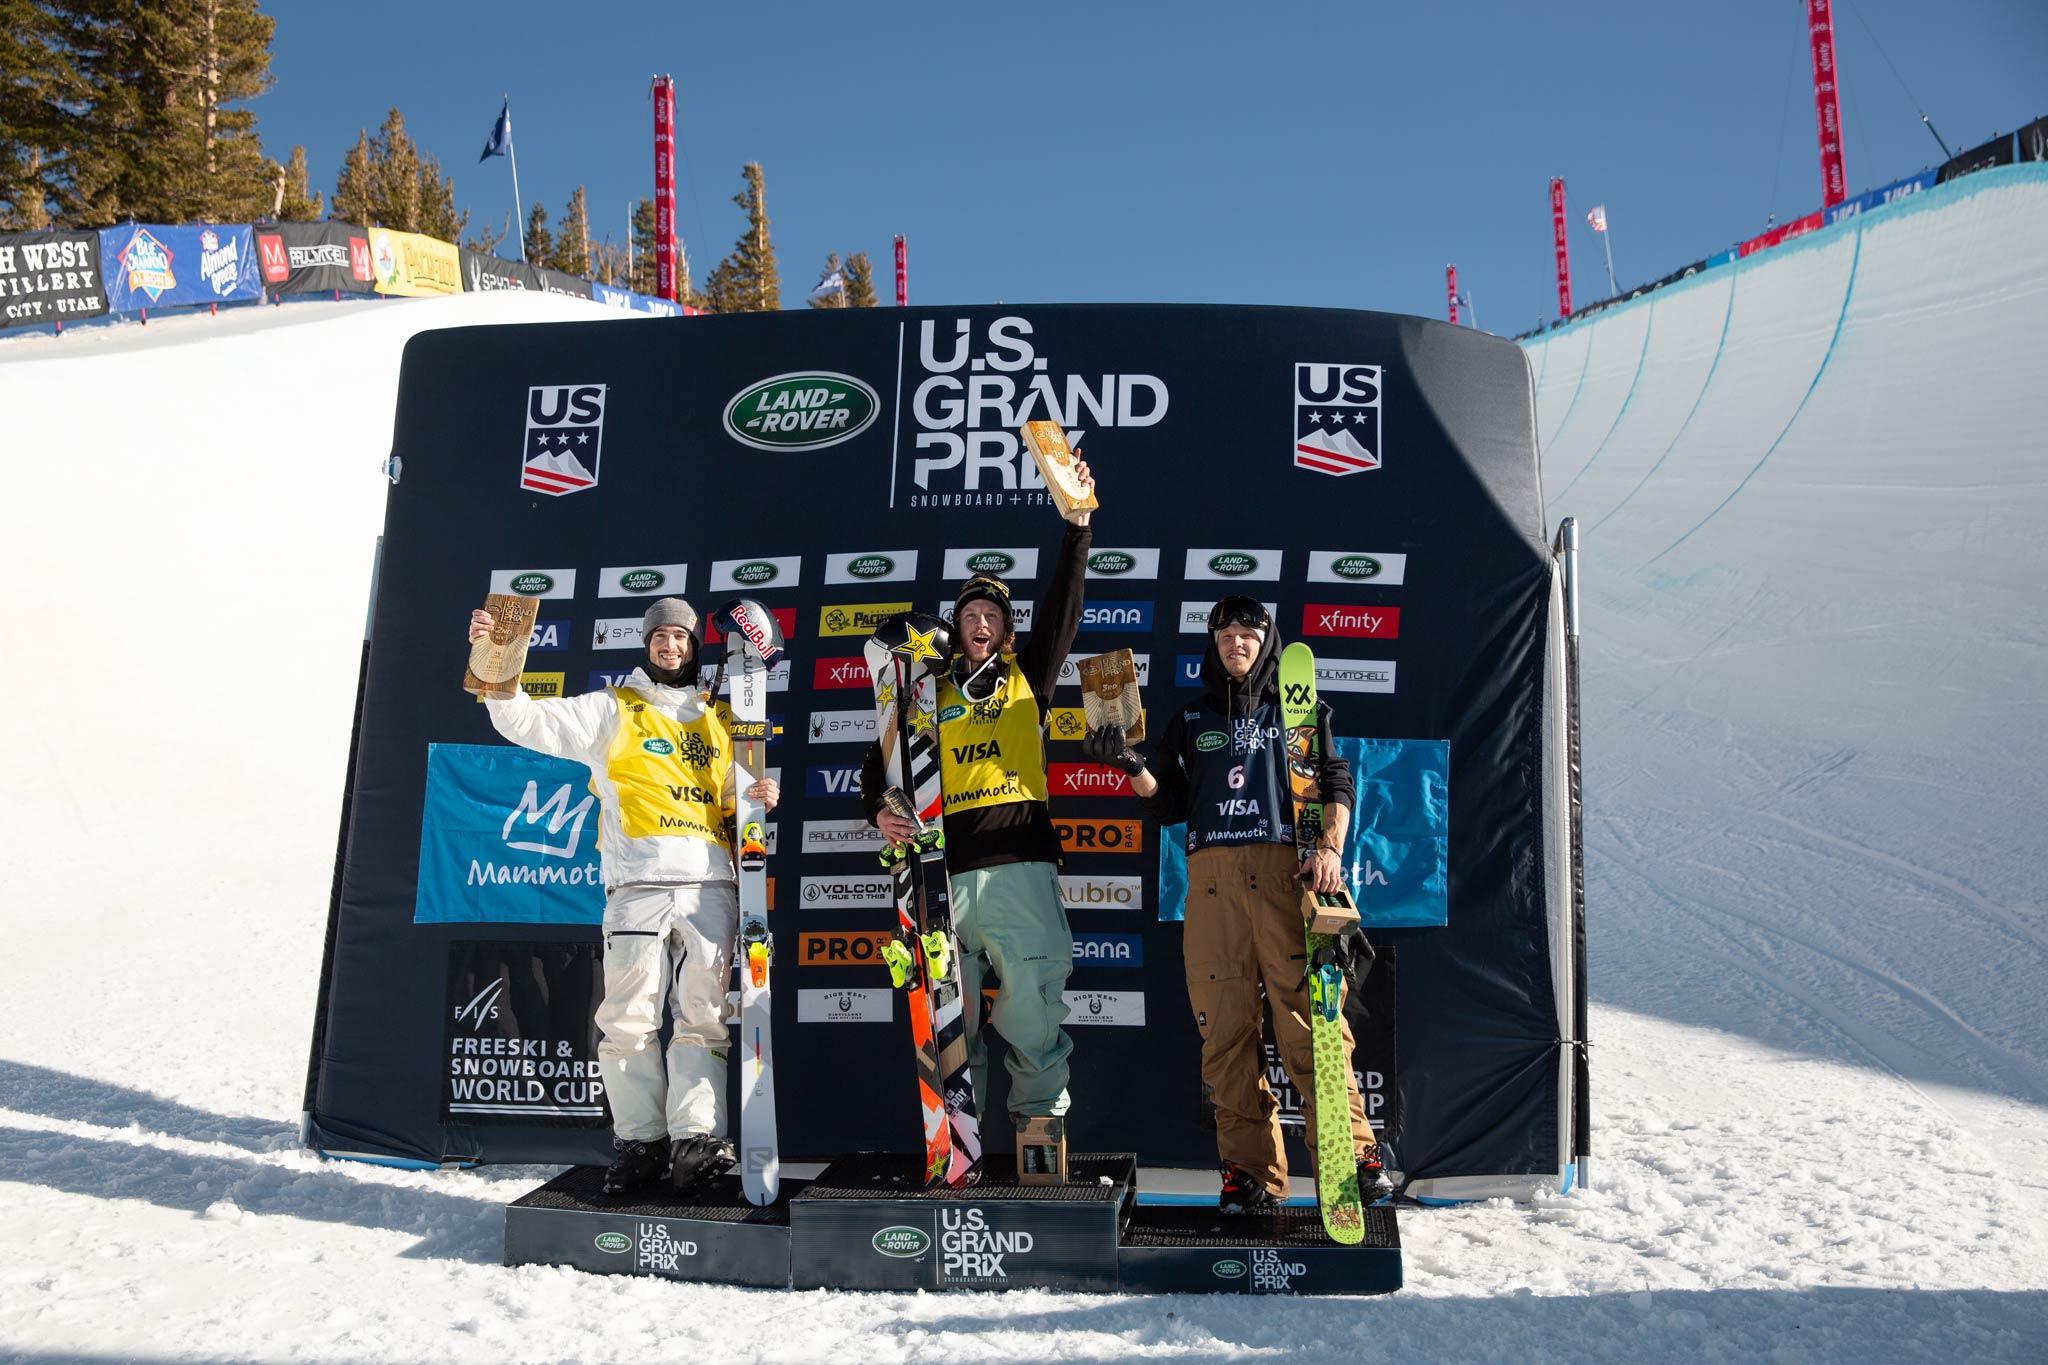 Das Podium der Männer: Noah Bowman (CAN), Aaron Blunck (USA), Lyman Currier (USA) - Foto: FIS Freestyle